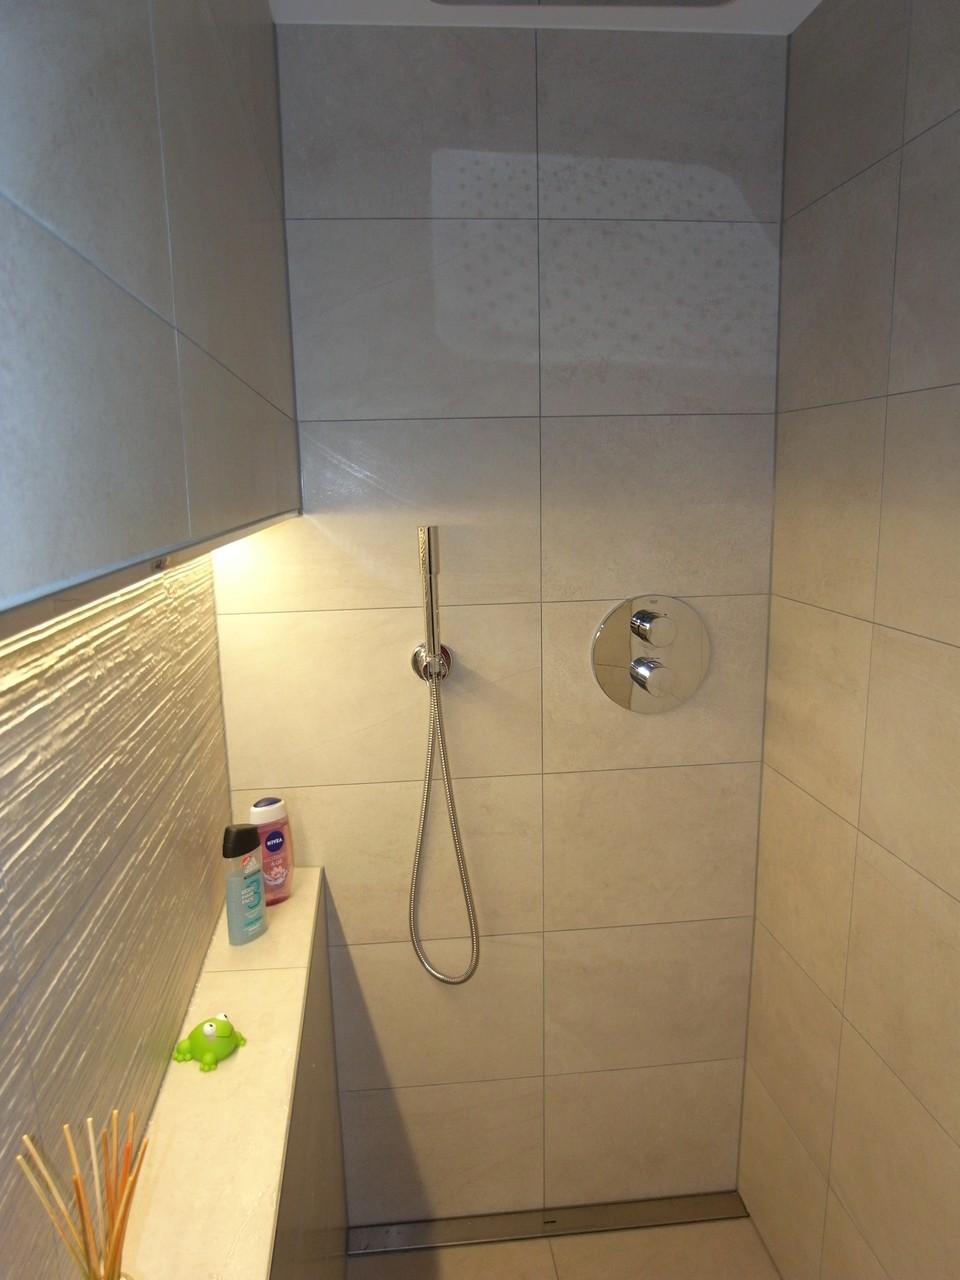 20.02.16 - Dusche EG mit indirektem LED Lichtband